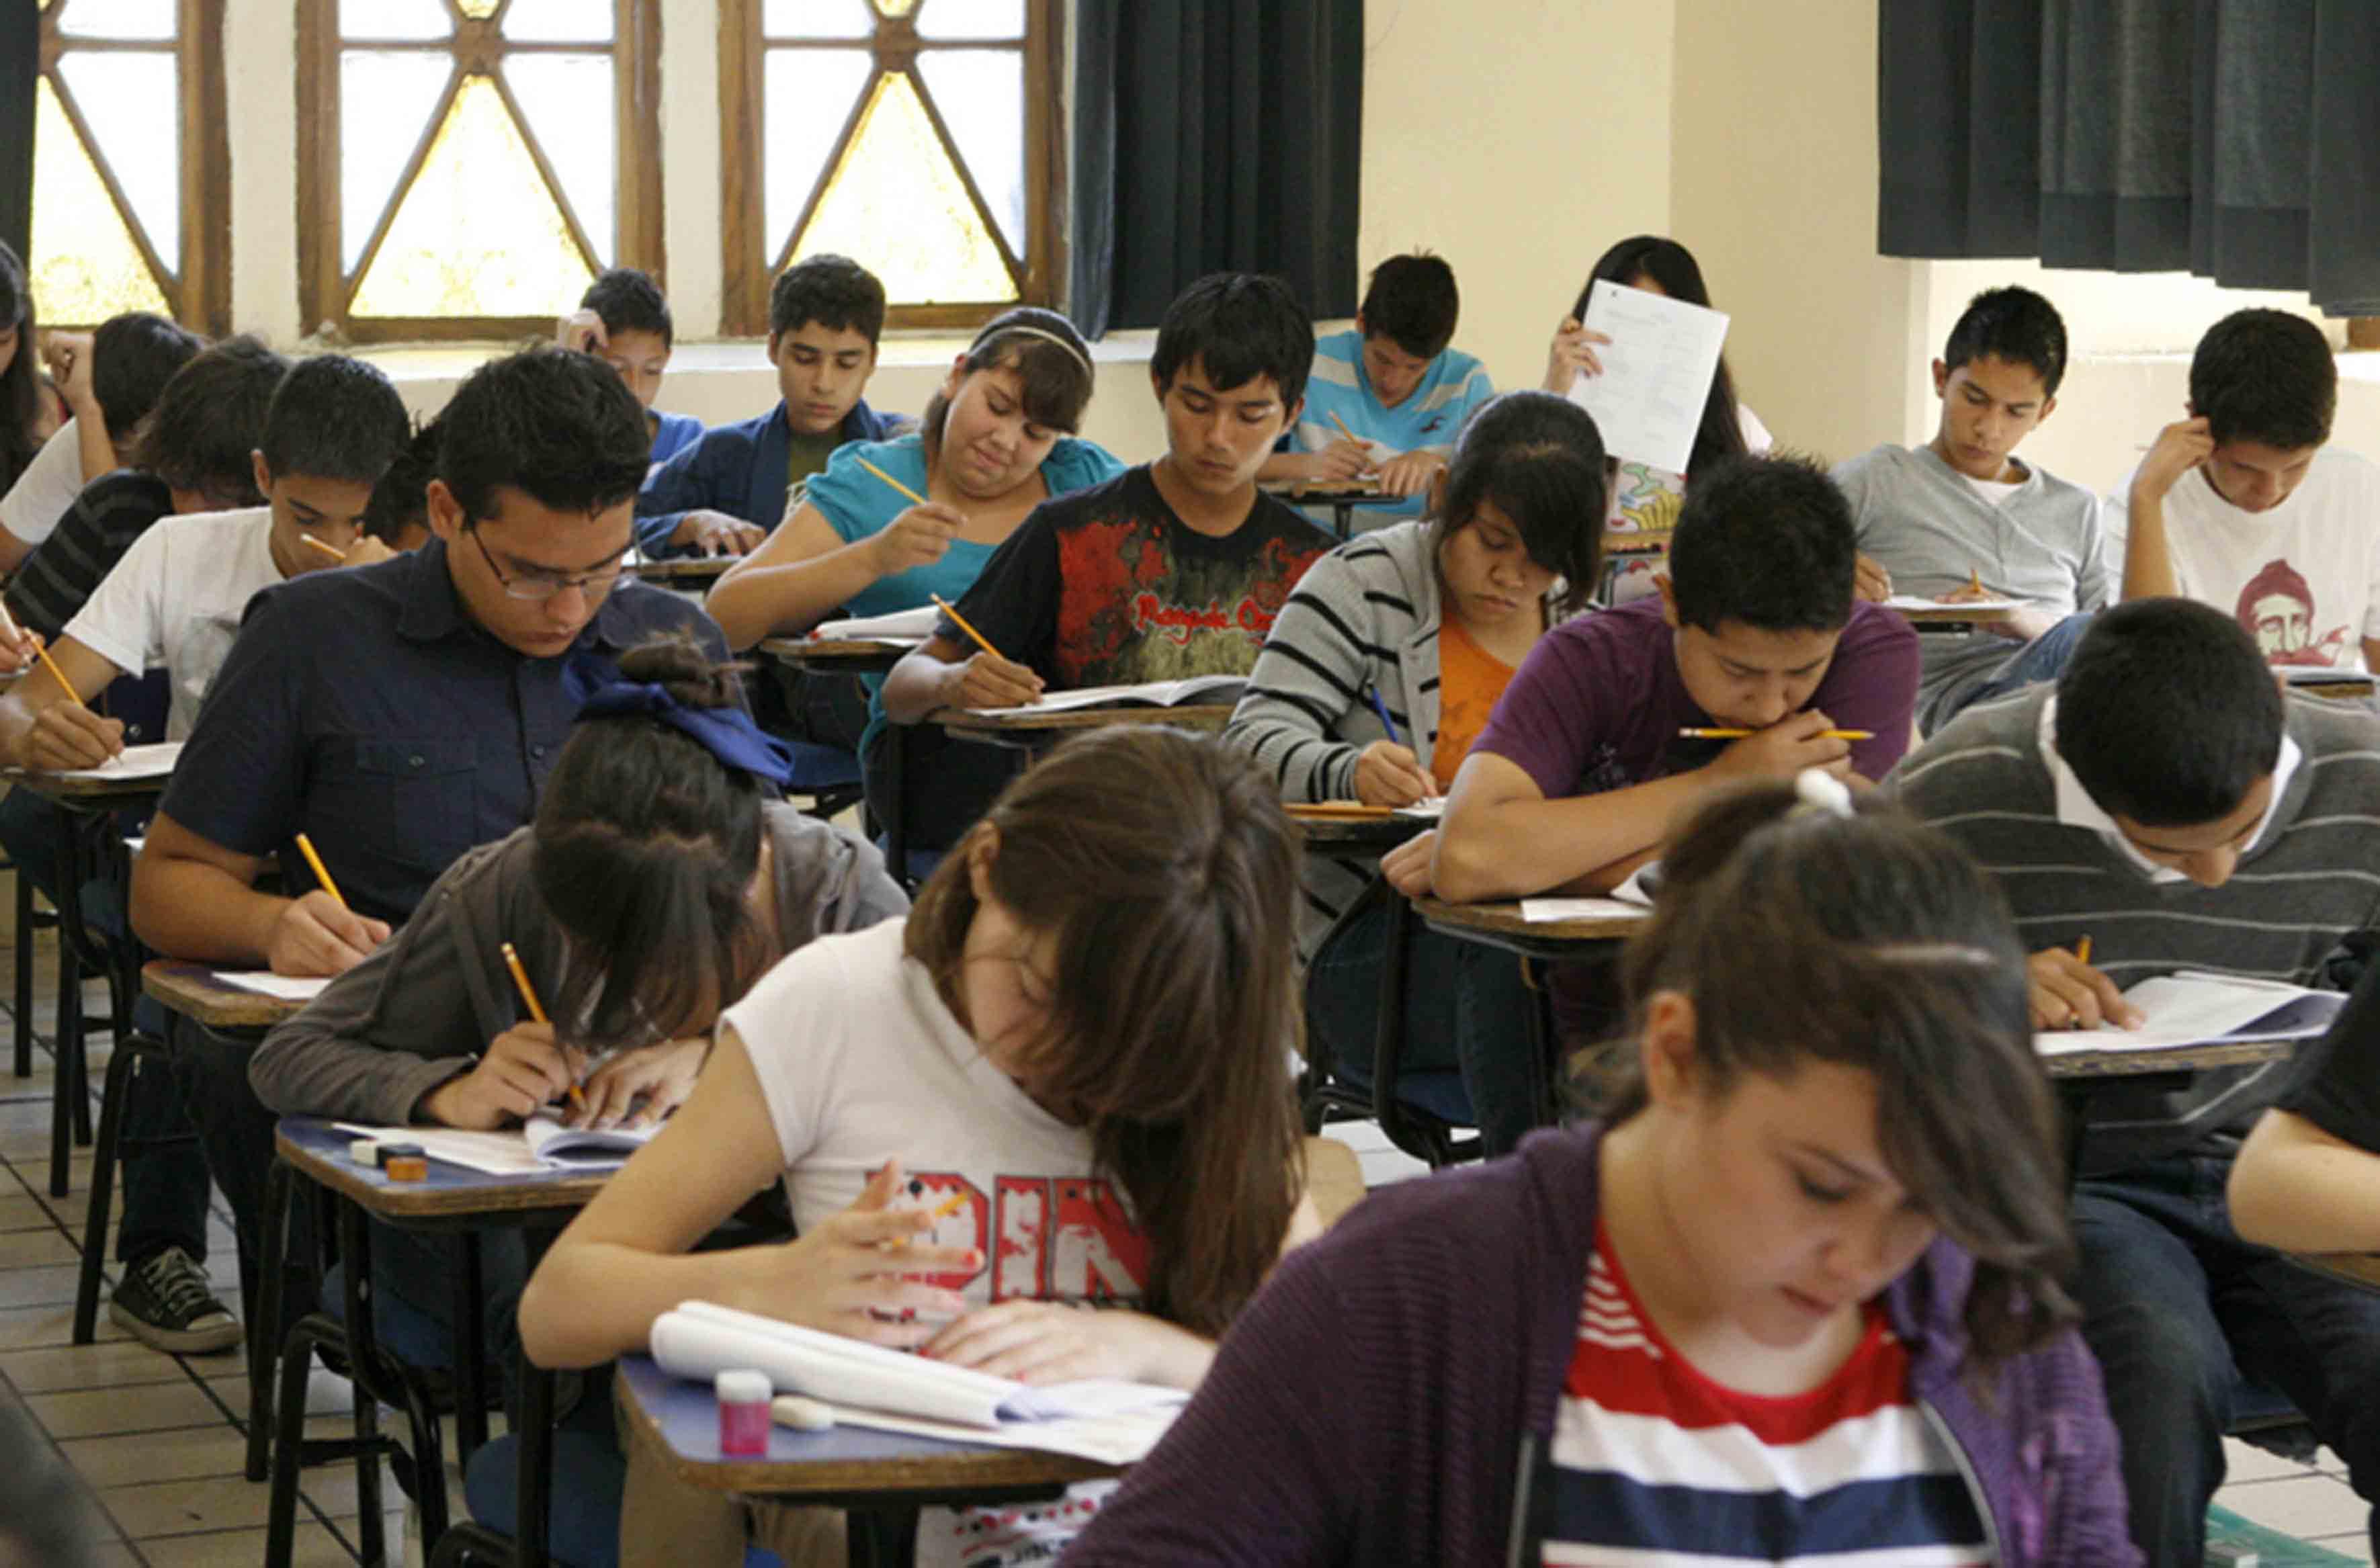 Jóvenes aspirantes a preparatoria realizando examen de admisión.